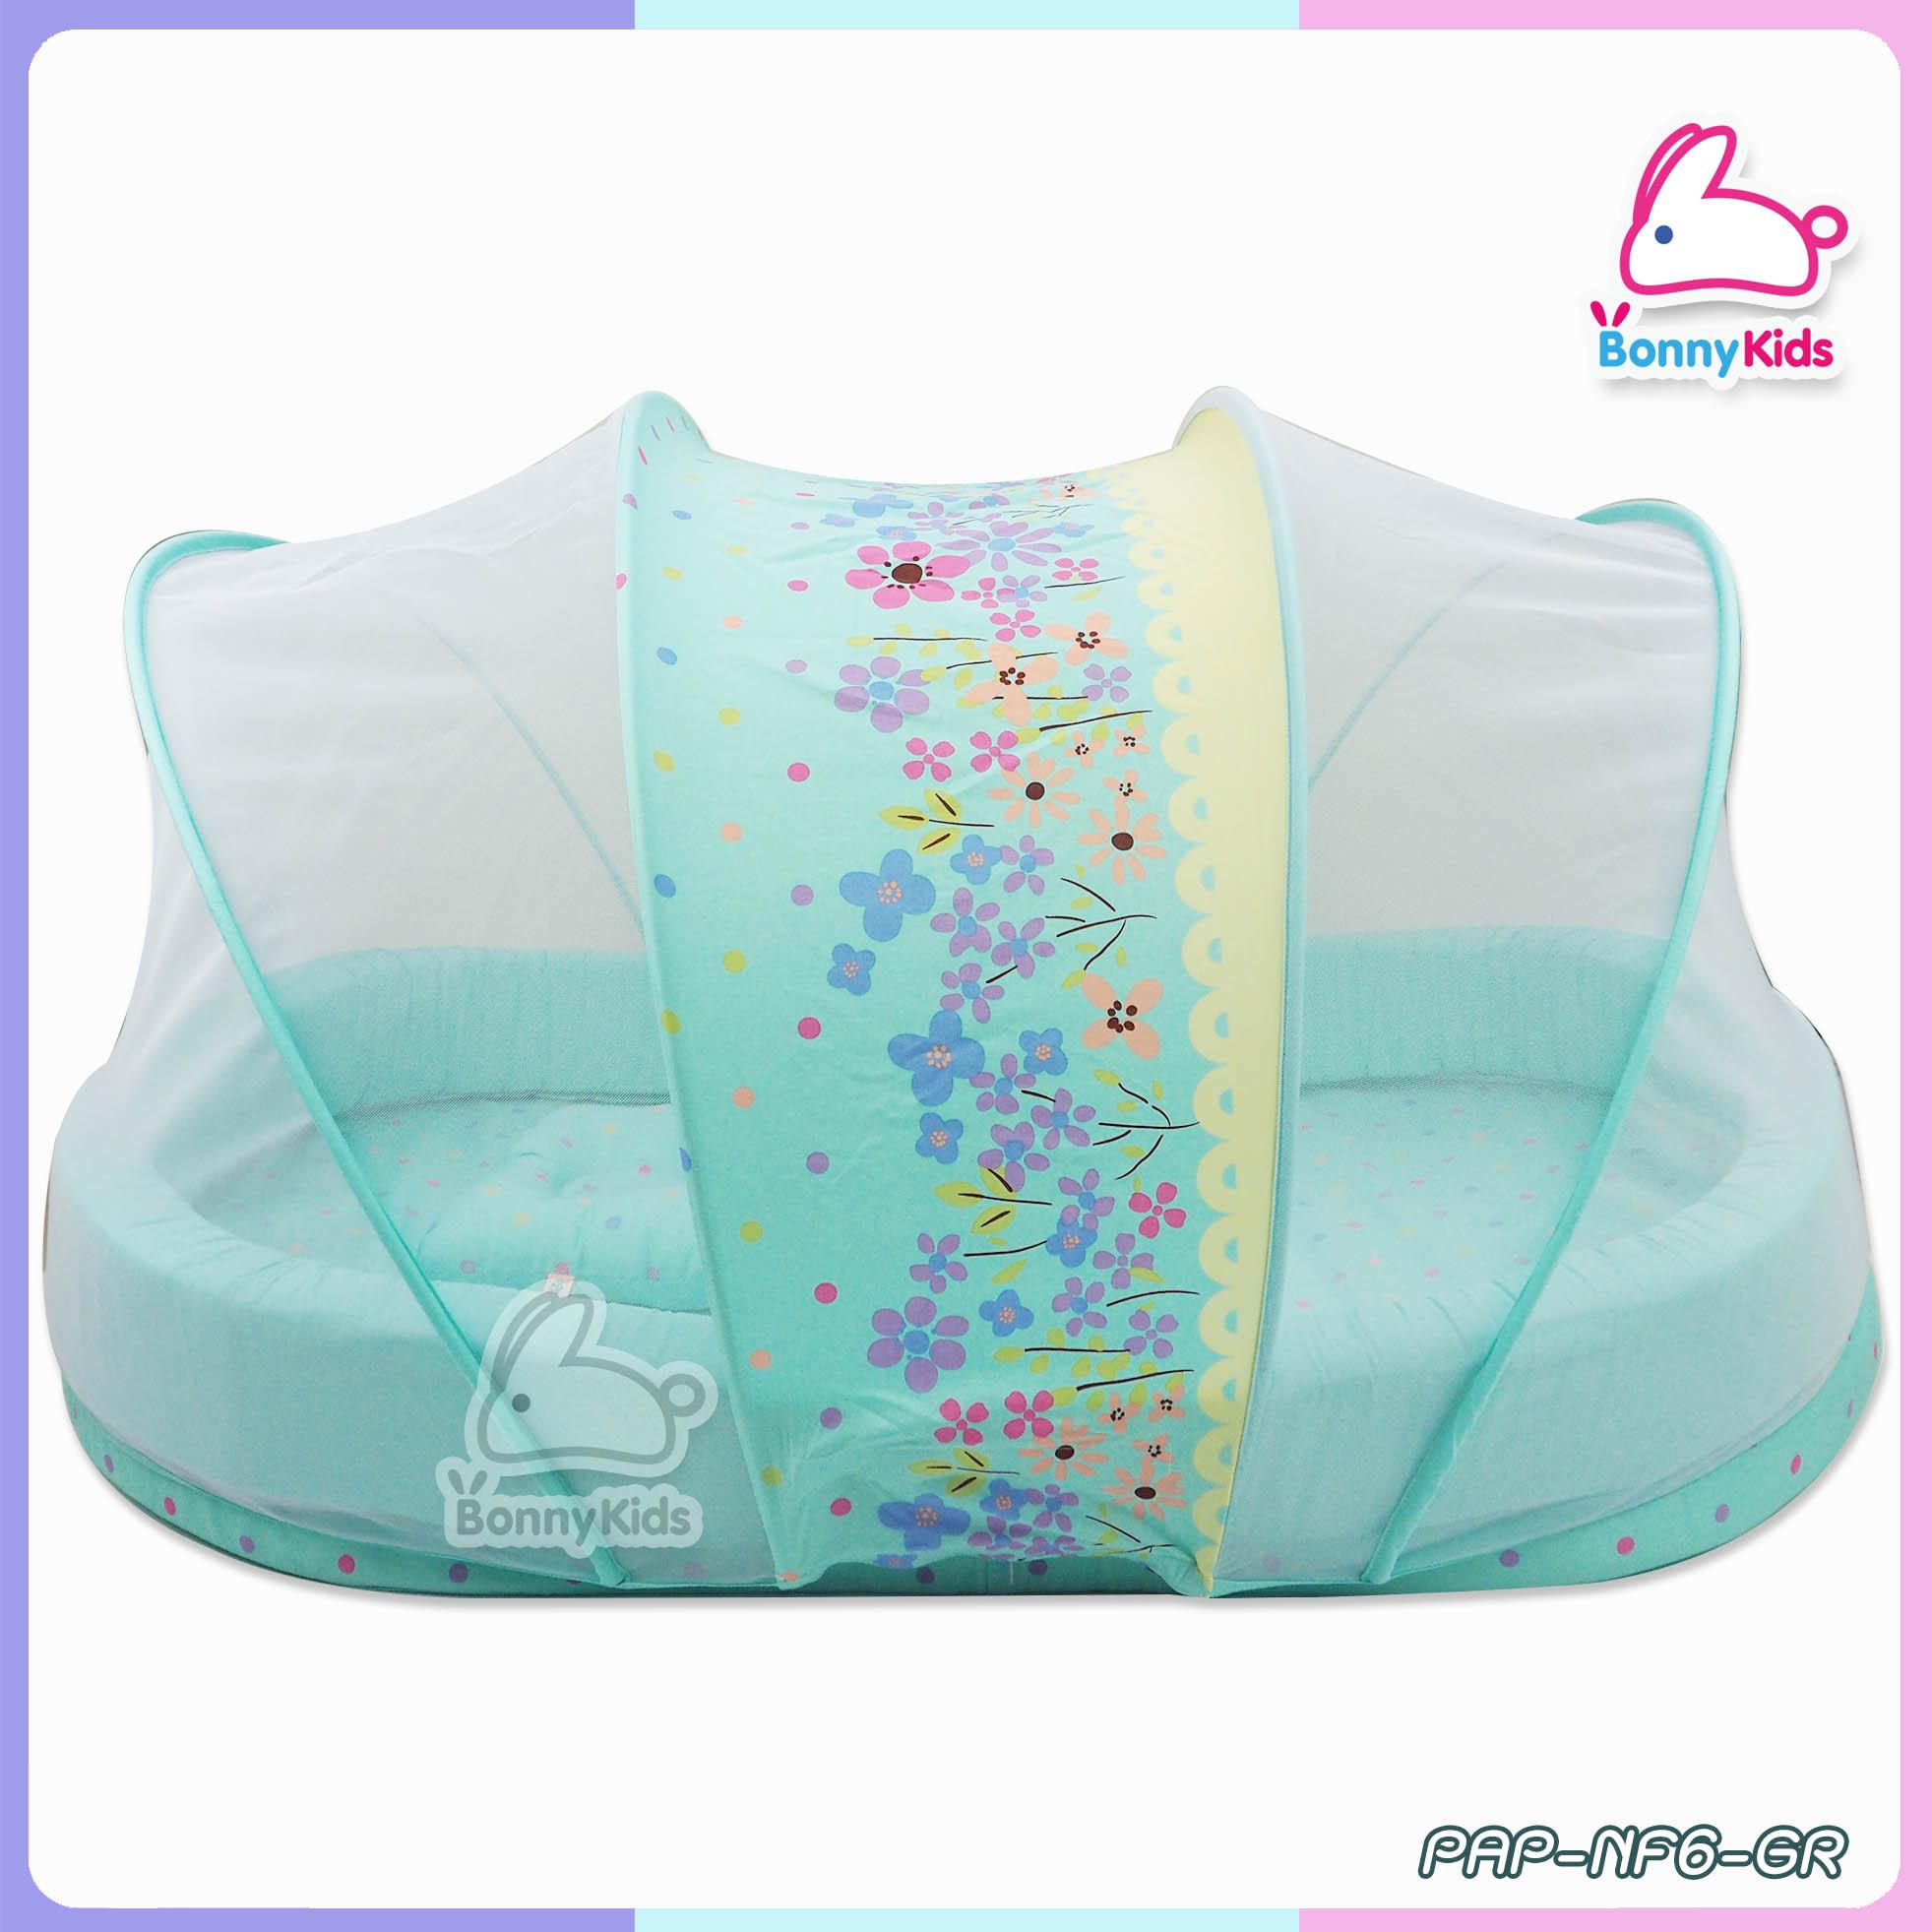 ชุดที่นอนฟองน้ำพร้อมมุ้งชุดใหญ่ถอดซักได้